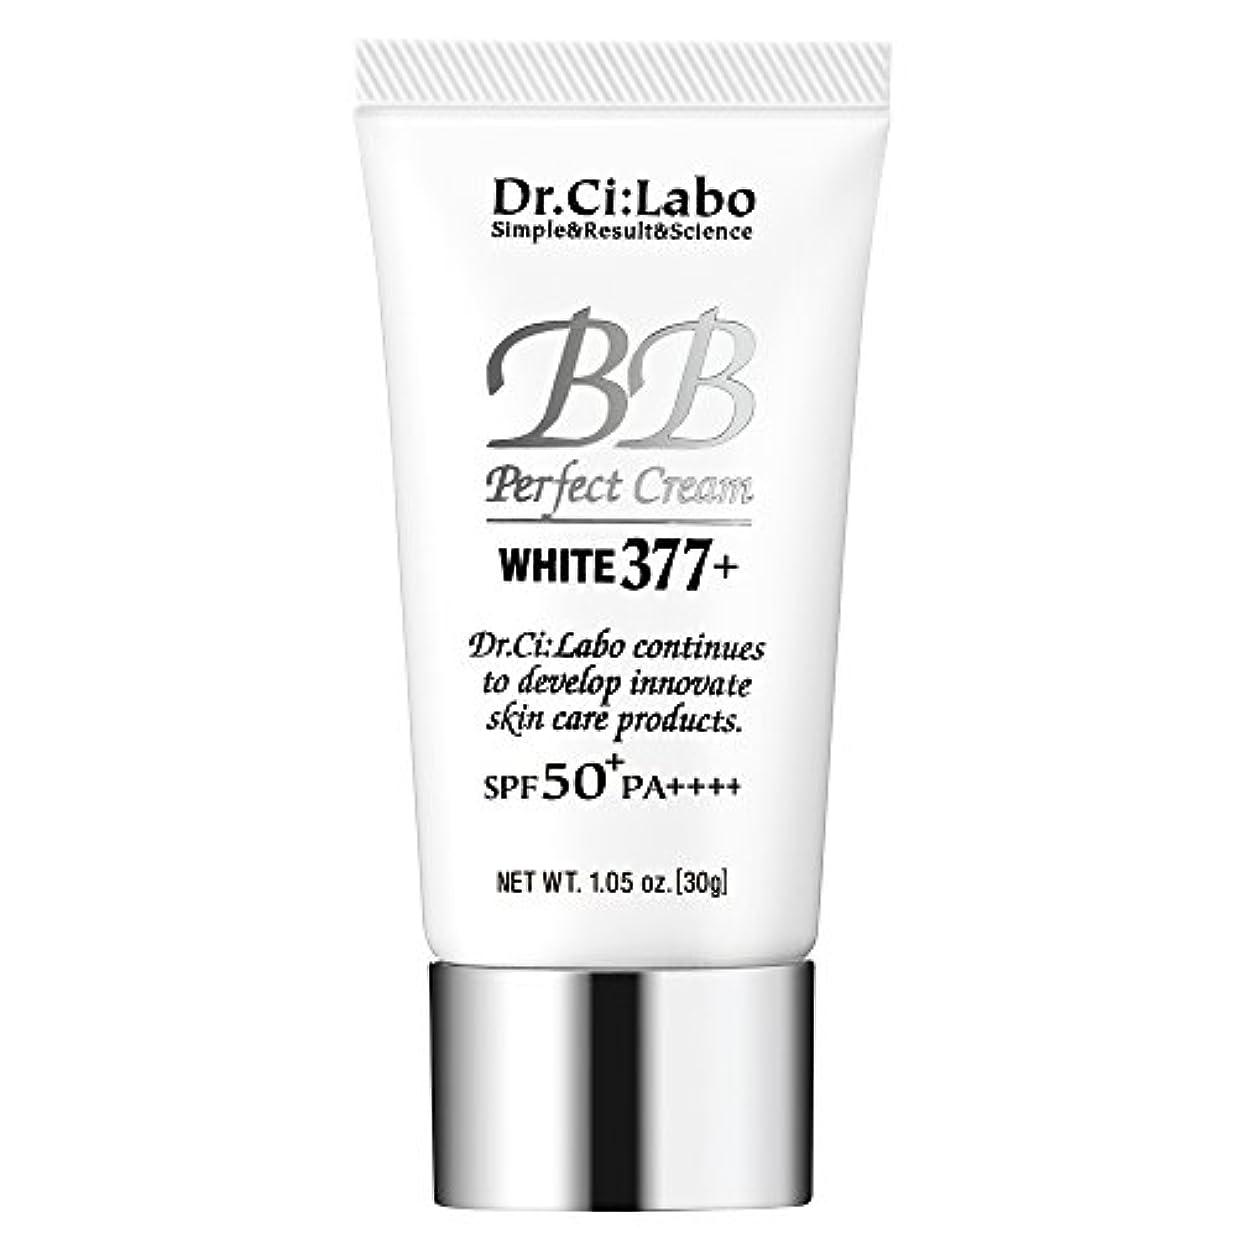 抽選光沢のある暴露するドクターシーラボ BBパーフェクトクリーム ホワイト377+ 30g 多機能ファンデーション 化粧下地